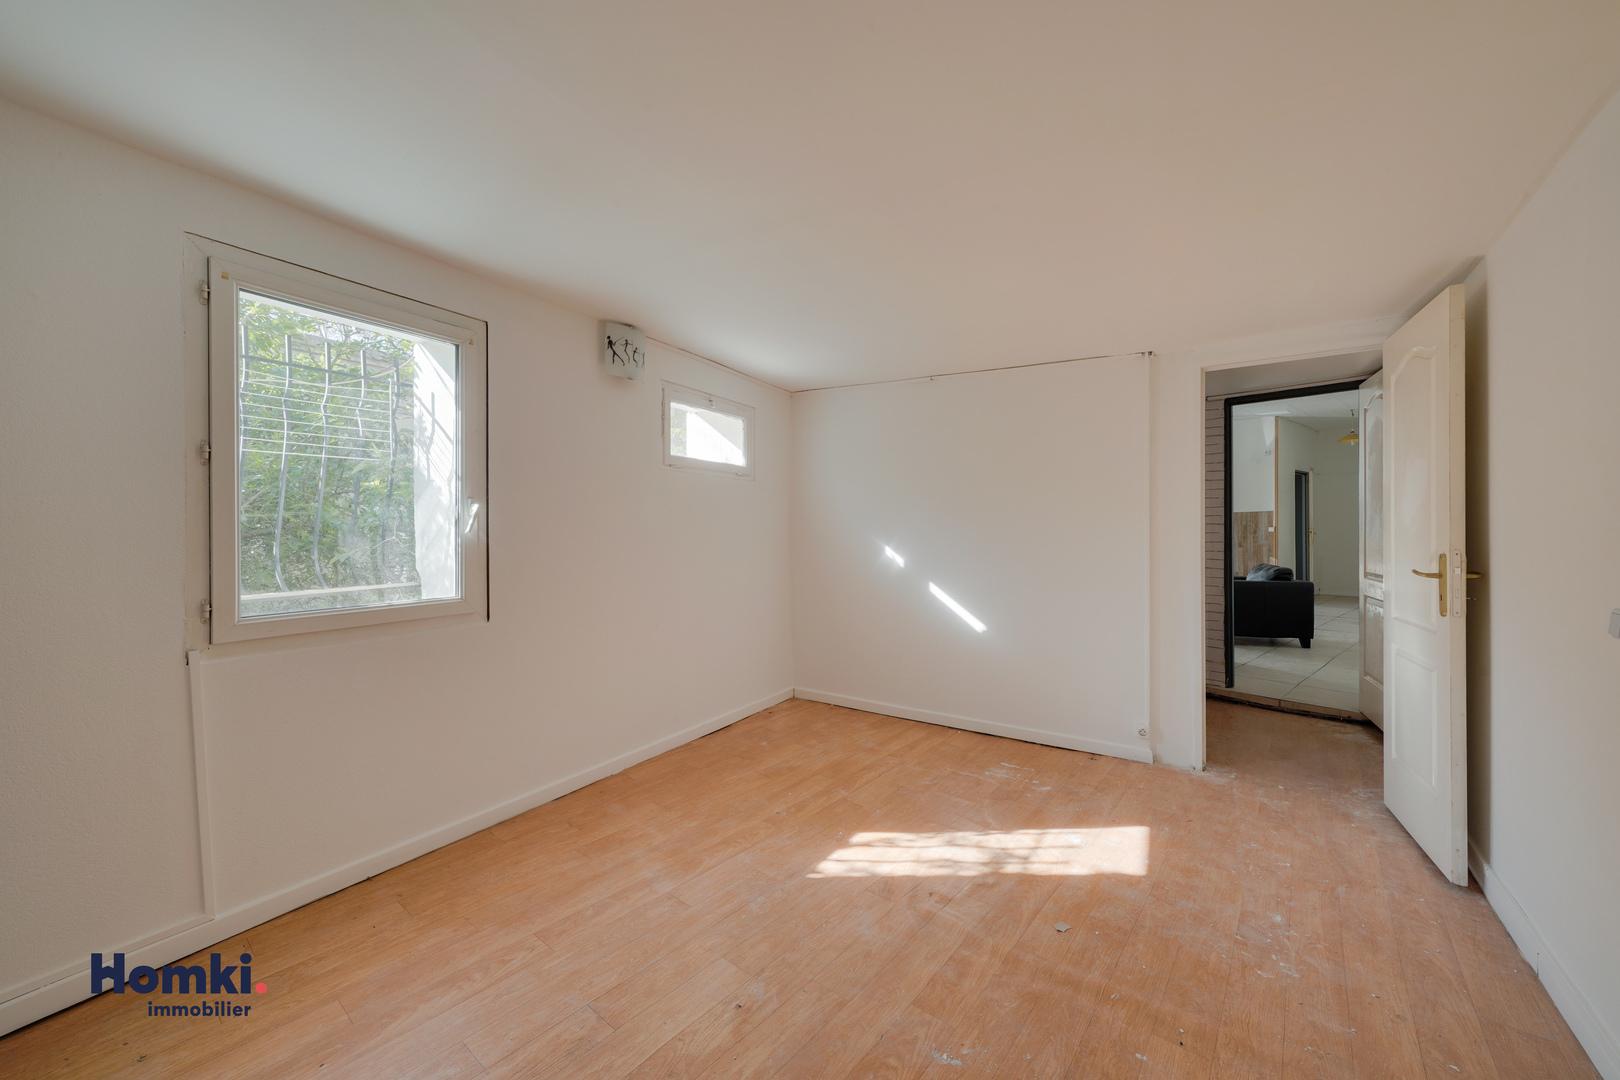 Vente Appartement 75 m² T3 13011_4